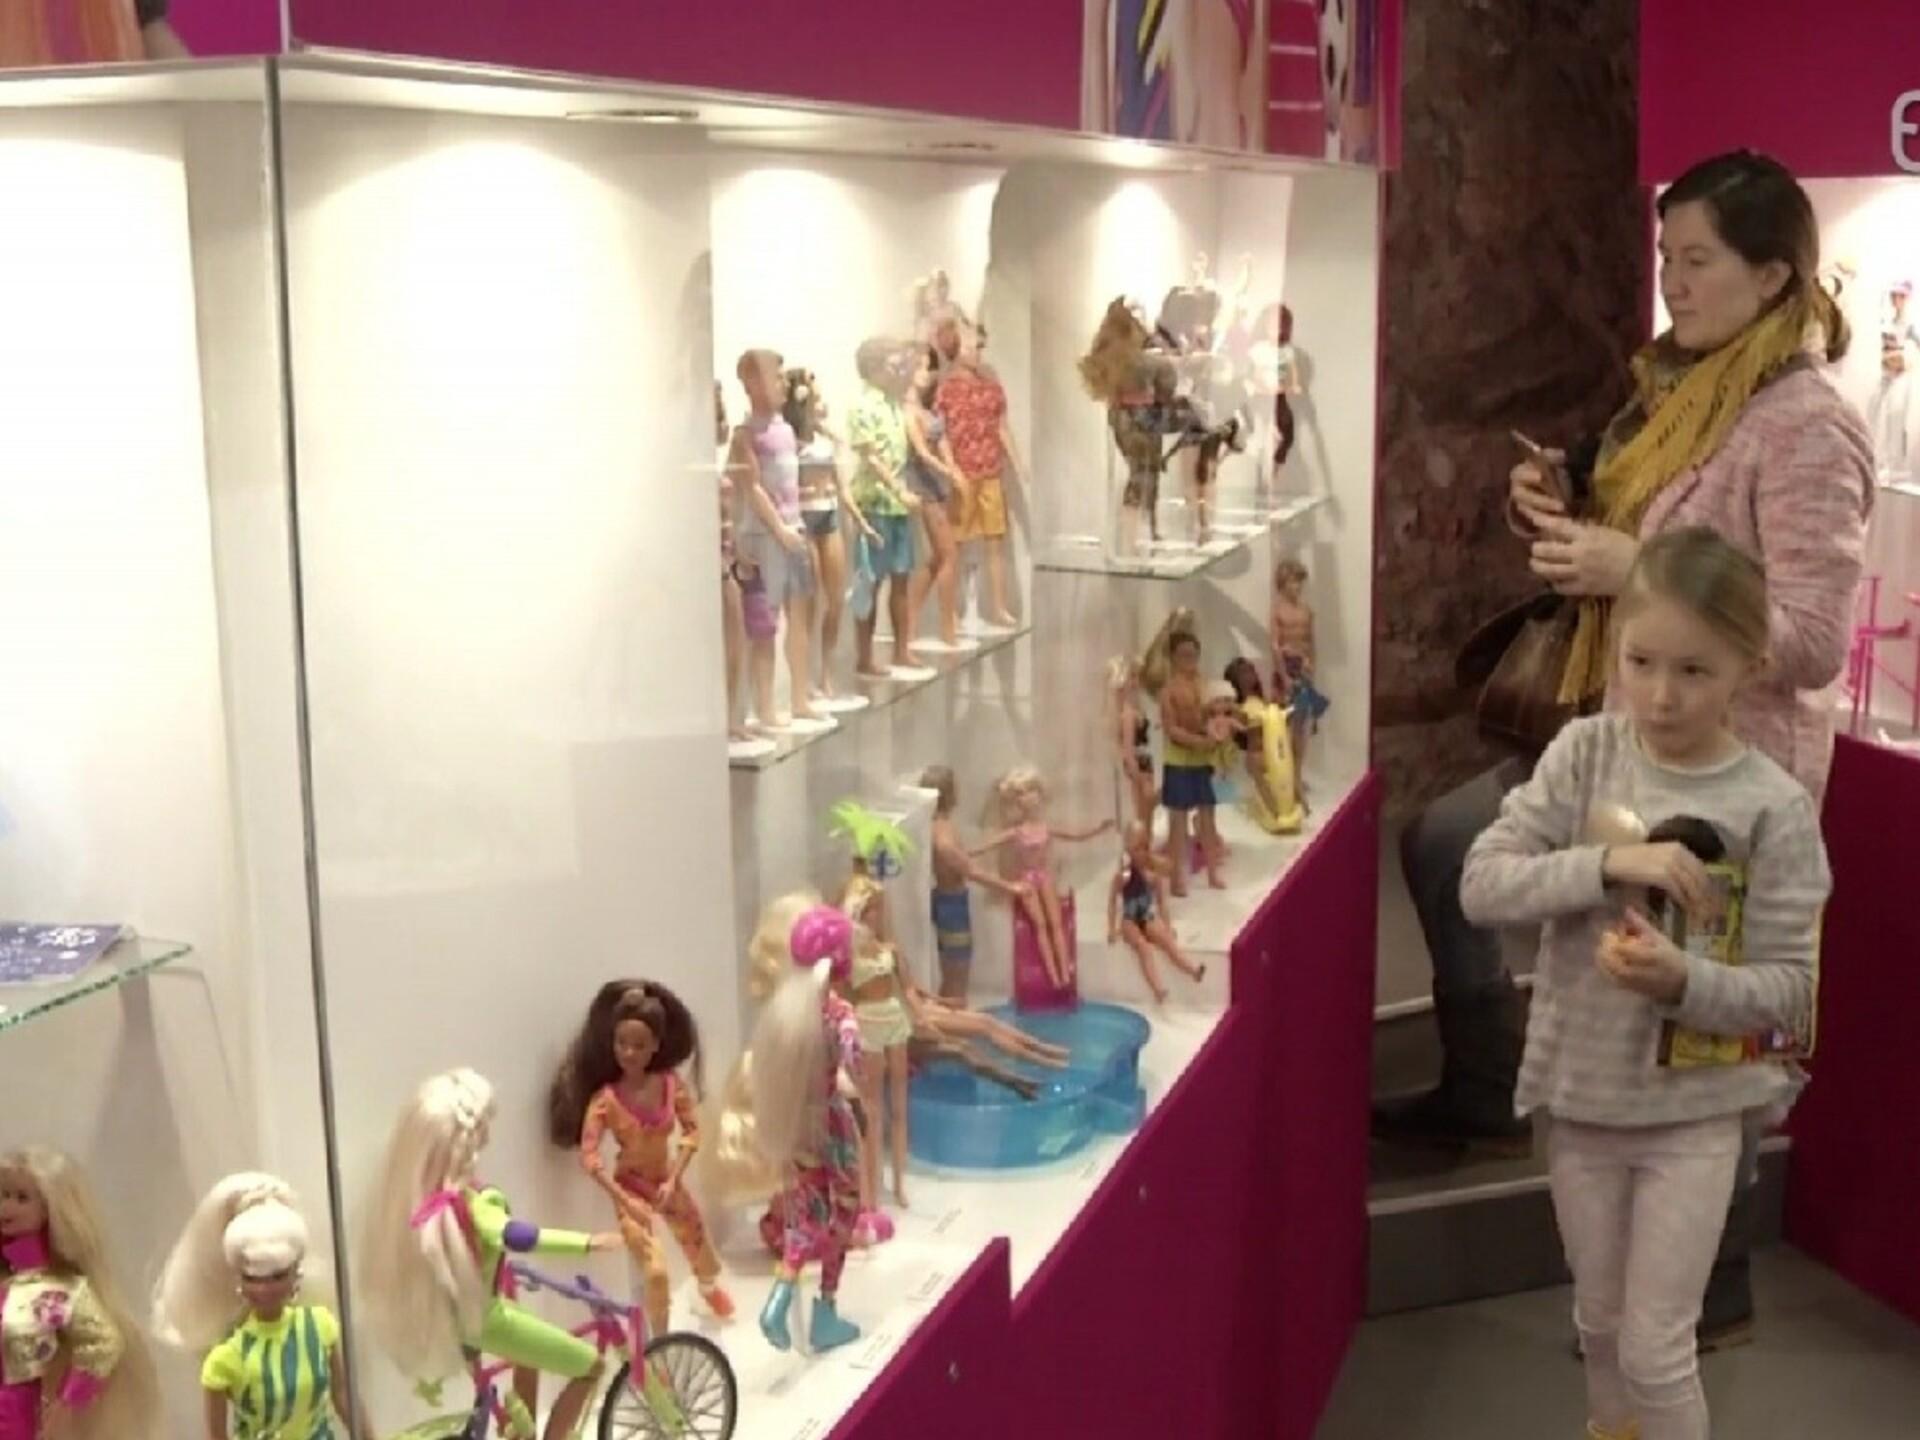 4072ec10f50 Tartu mänguasjamuuseumis avati Barbie näitus   Elu   ERR